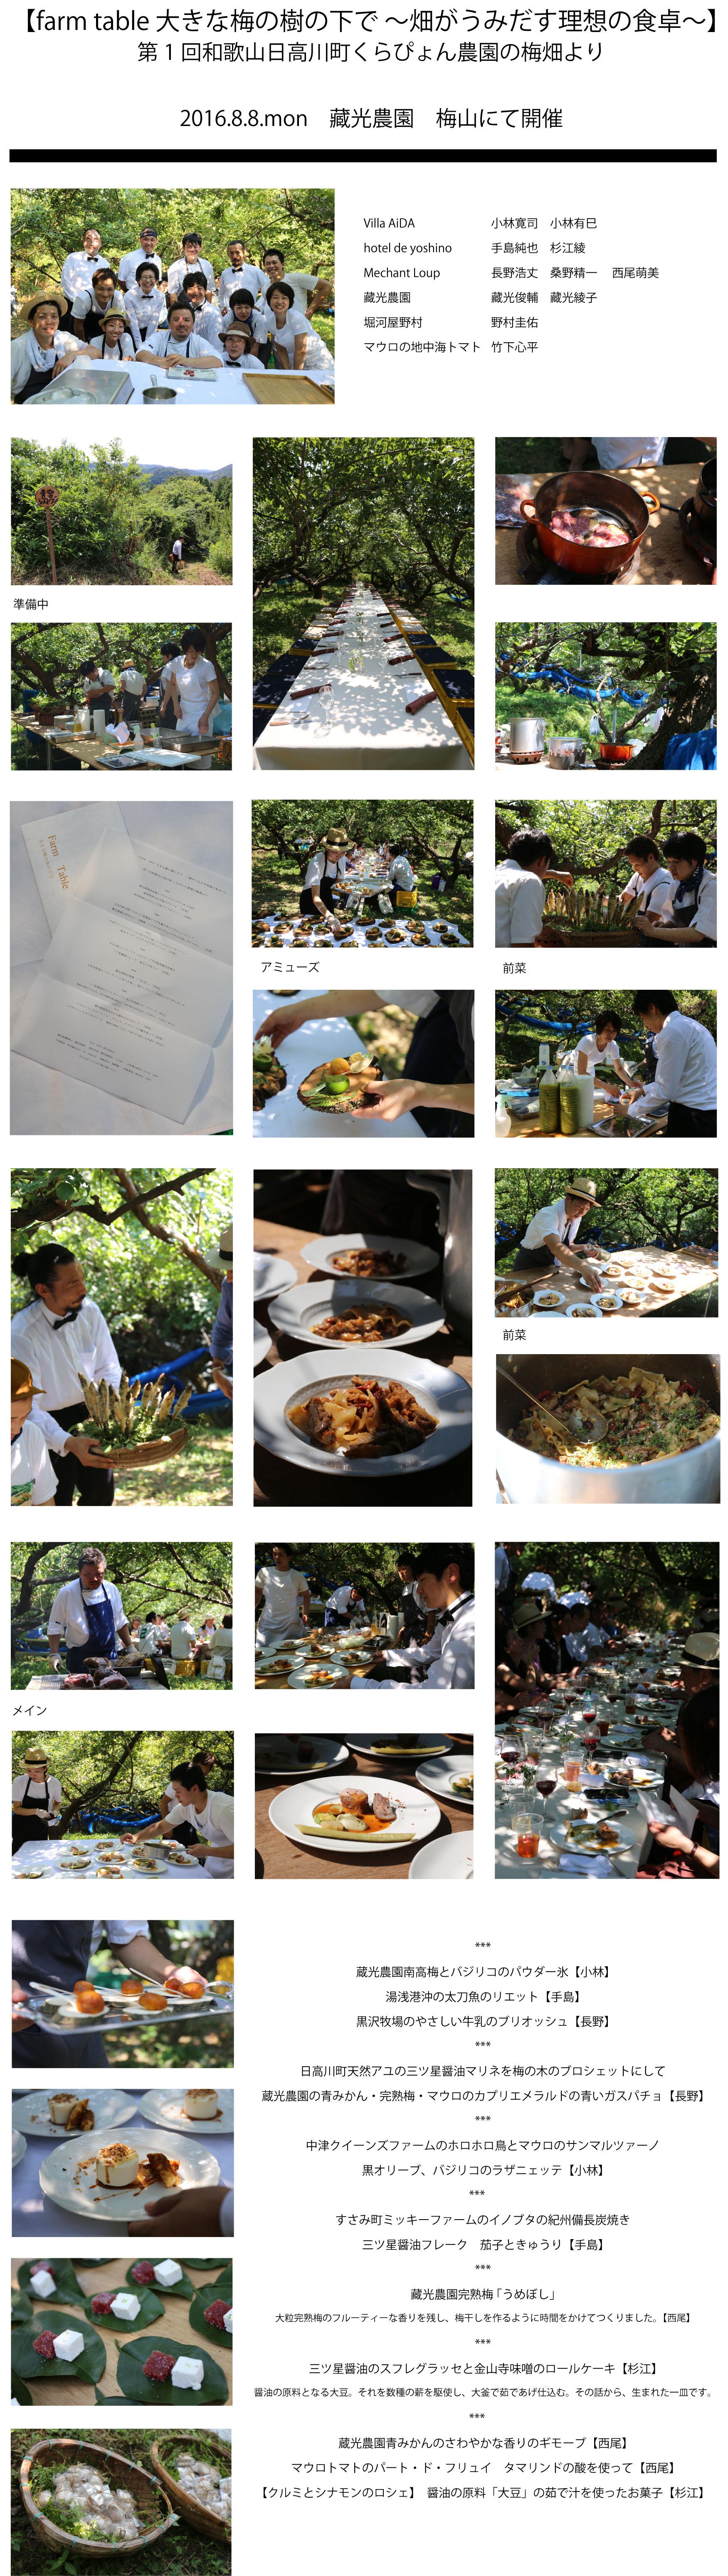 farm table,青空レストラン,梅山レストラン,